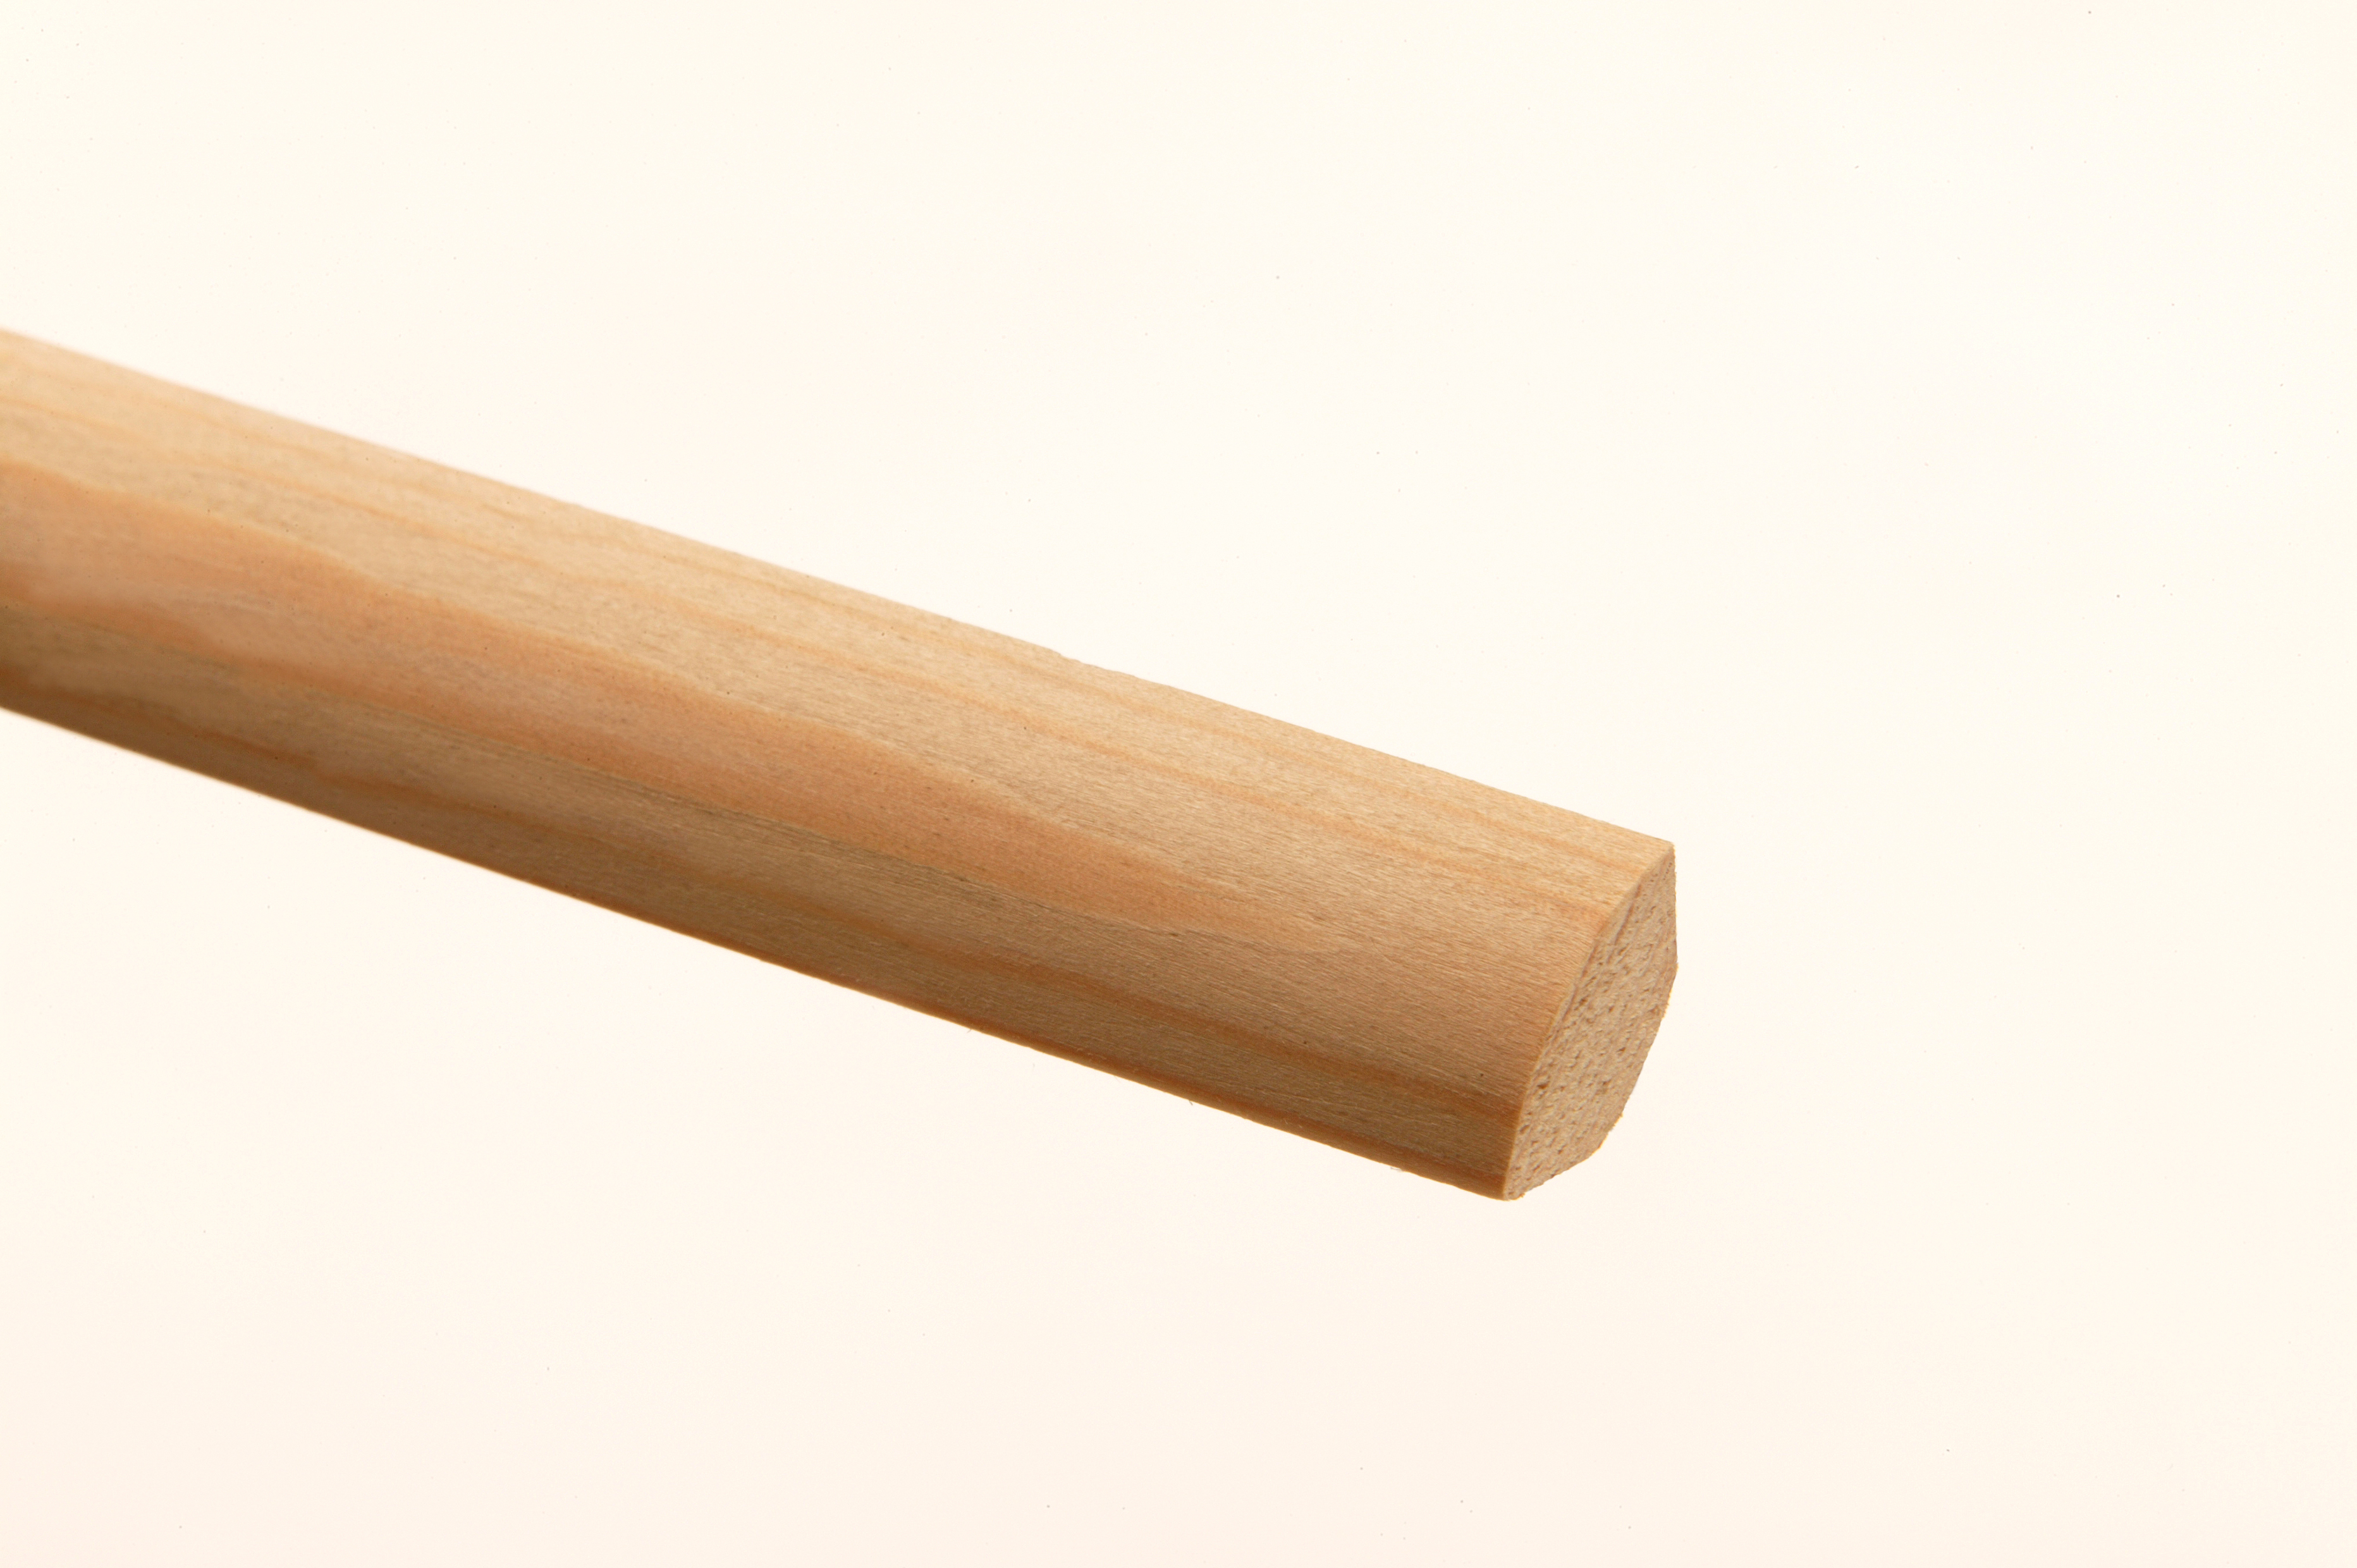 30 Pine Back-Off Quadrant Mouldings 12 x 12 x 2400mm